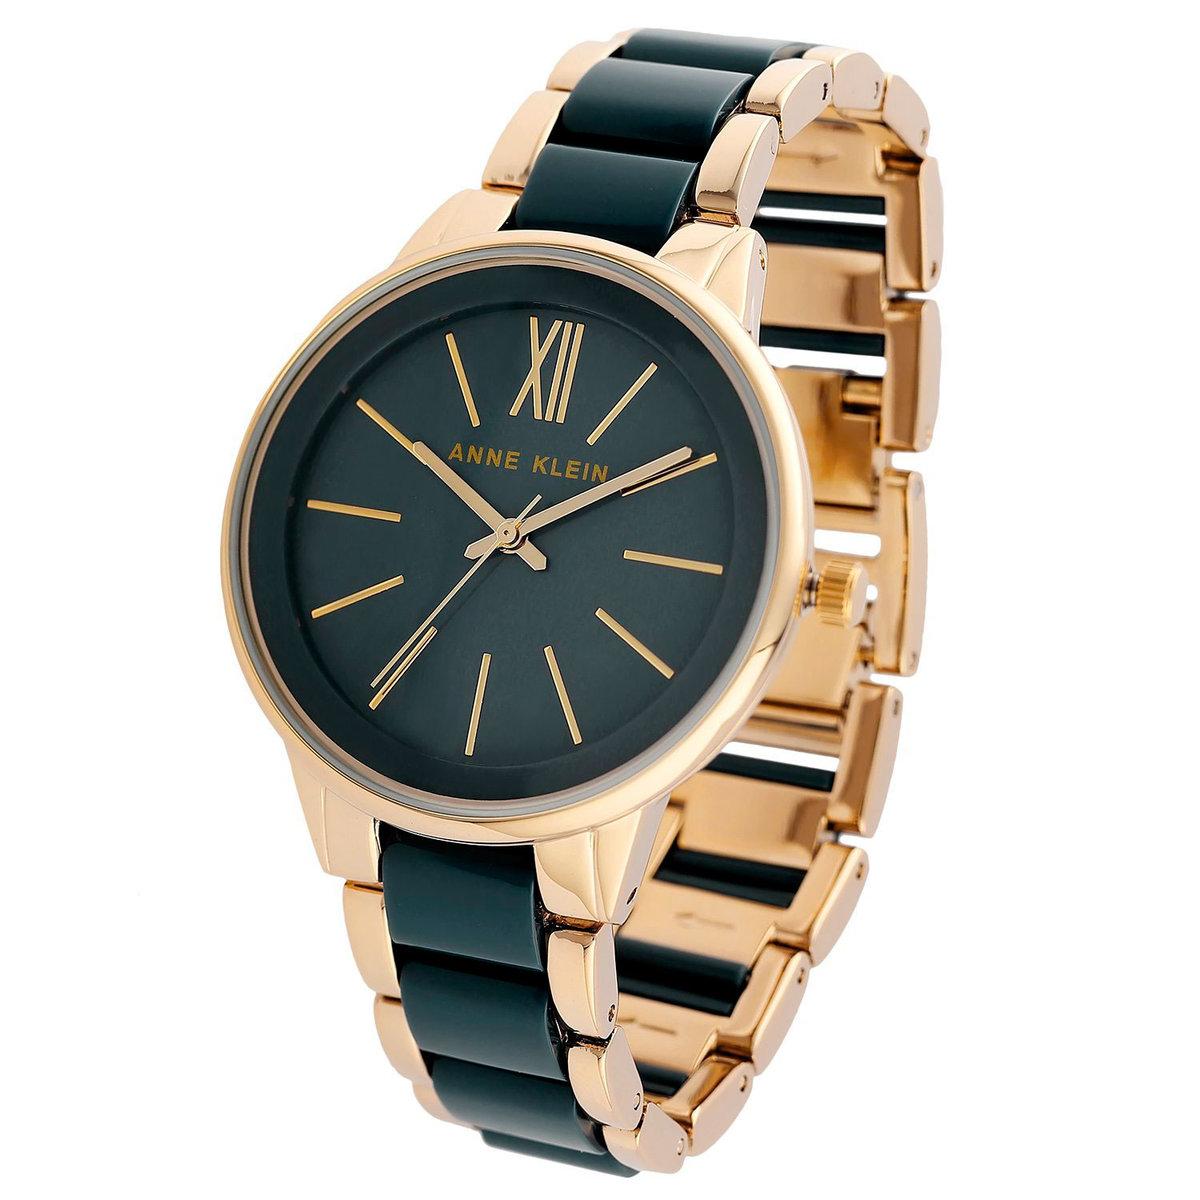 Вы можете купить часы anna klein с набором из двух или трех браслетов, которые носятся по отдельности и в комбинации.